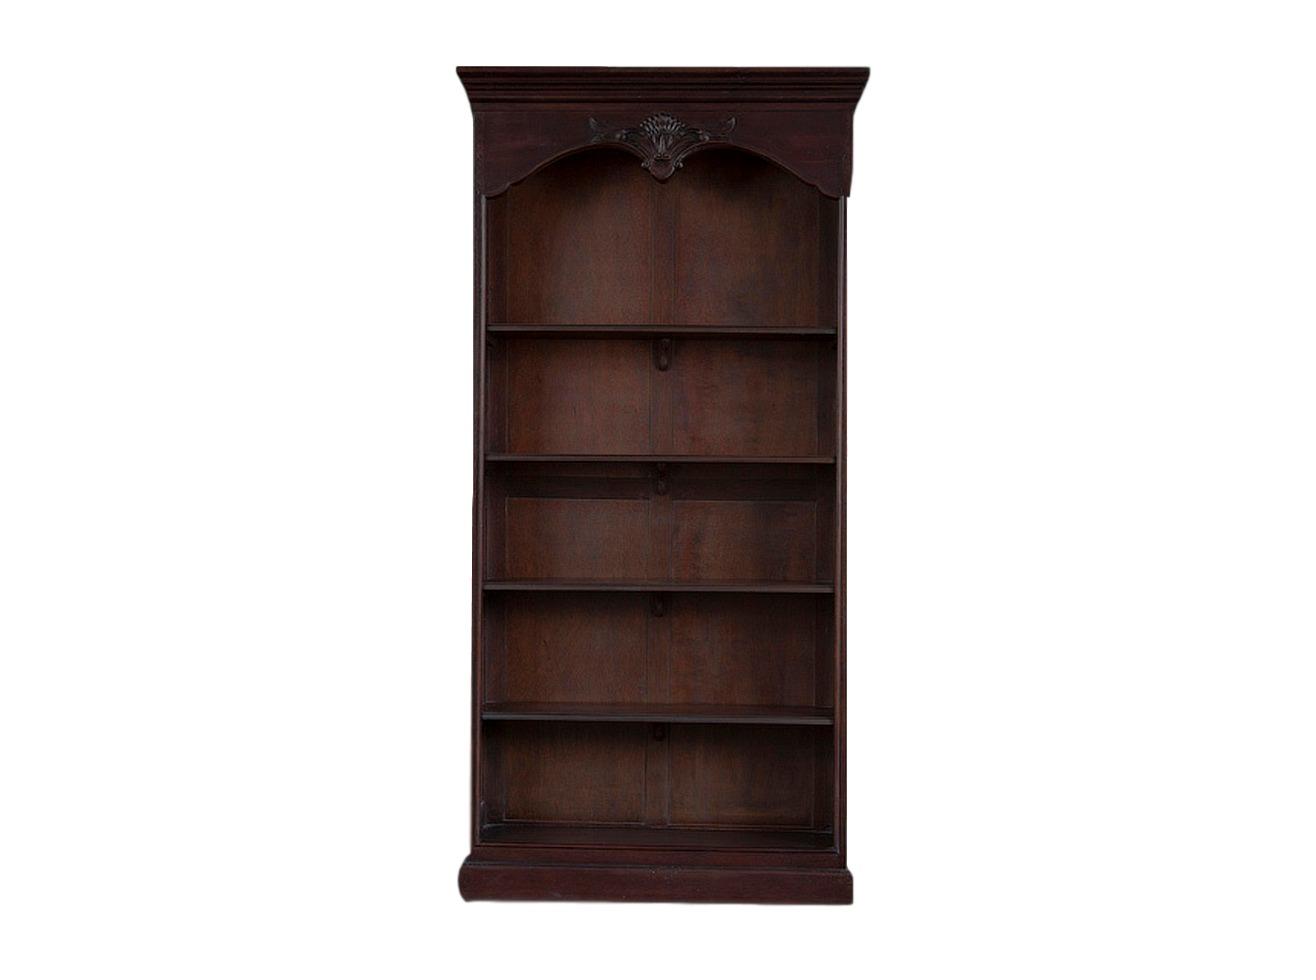 Библиотека АртурКнижные шкафы и библиотеки<br>&amp;lt;div&amp;gt;Библиотека с открытыми полками, украшена резьбой и старением.&amp;lt;/div&amp;gt;&amp;lt;div&amp;gt;&amp;lt;br&amp;gt;&amp;lt;/div&amp;gt;&amp;lt;div&amp;gt;Материал: махагони&amp;lt;/div&amp;gt;&amp;lt;div&amp;gt;&amp;lt;br&amp;gt;&amp;lt;/div&amp;gt;<br><br>Material: Дерево<br>Width см: 108<br>Depth см: 37<br>Height см: 217